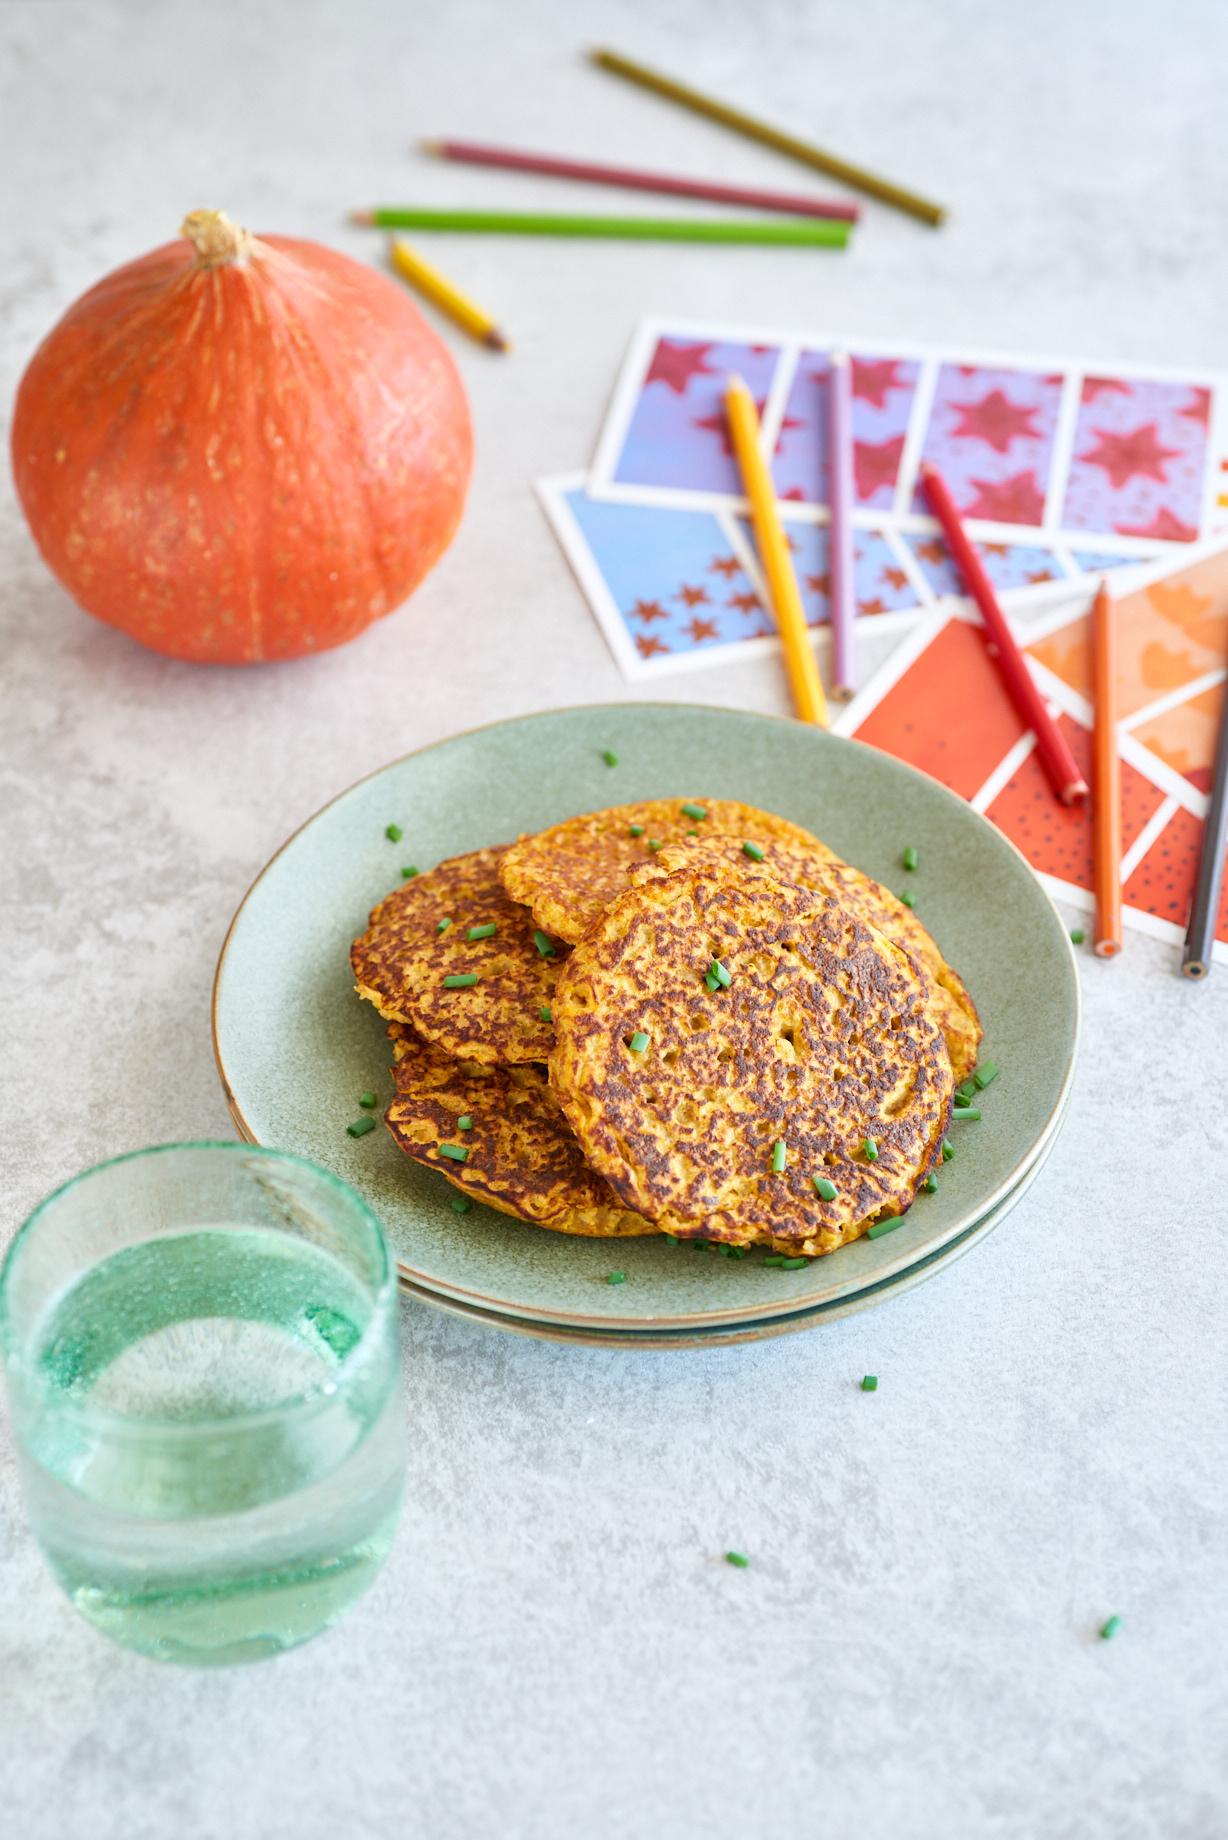 photo culinaire de blinis au potimarron